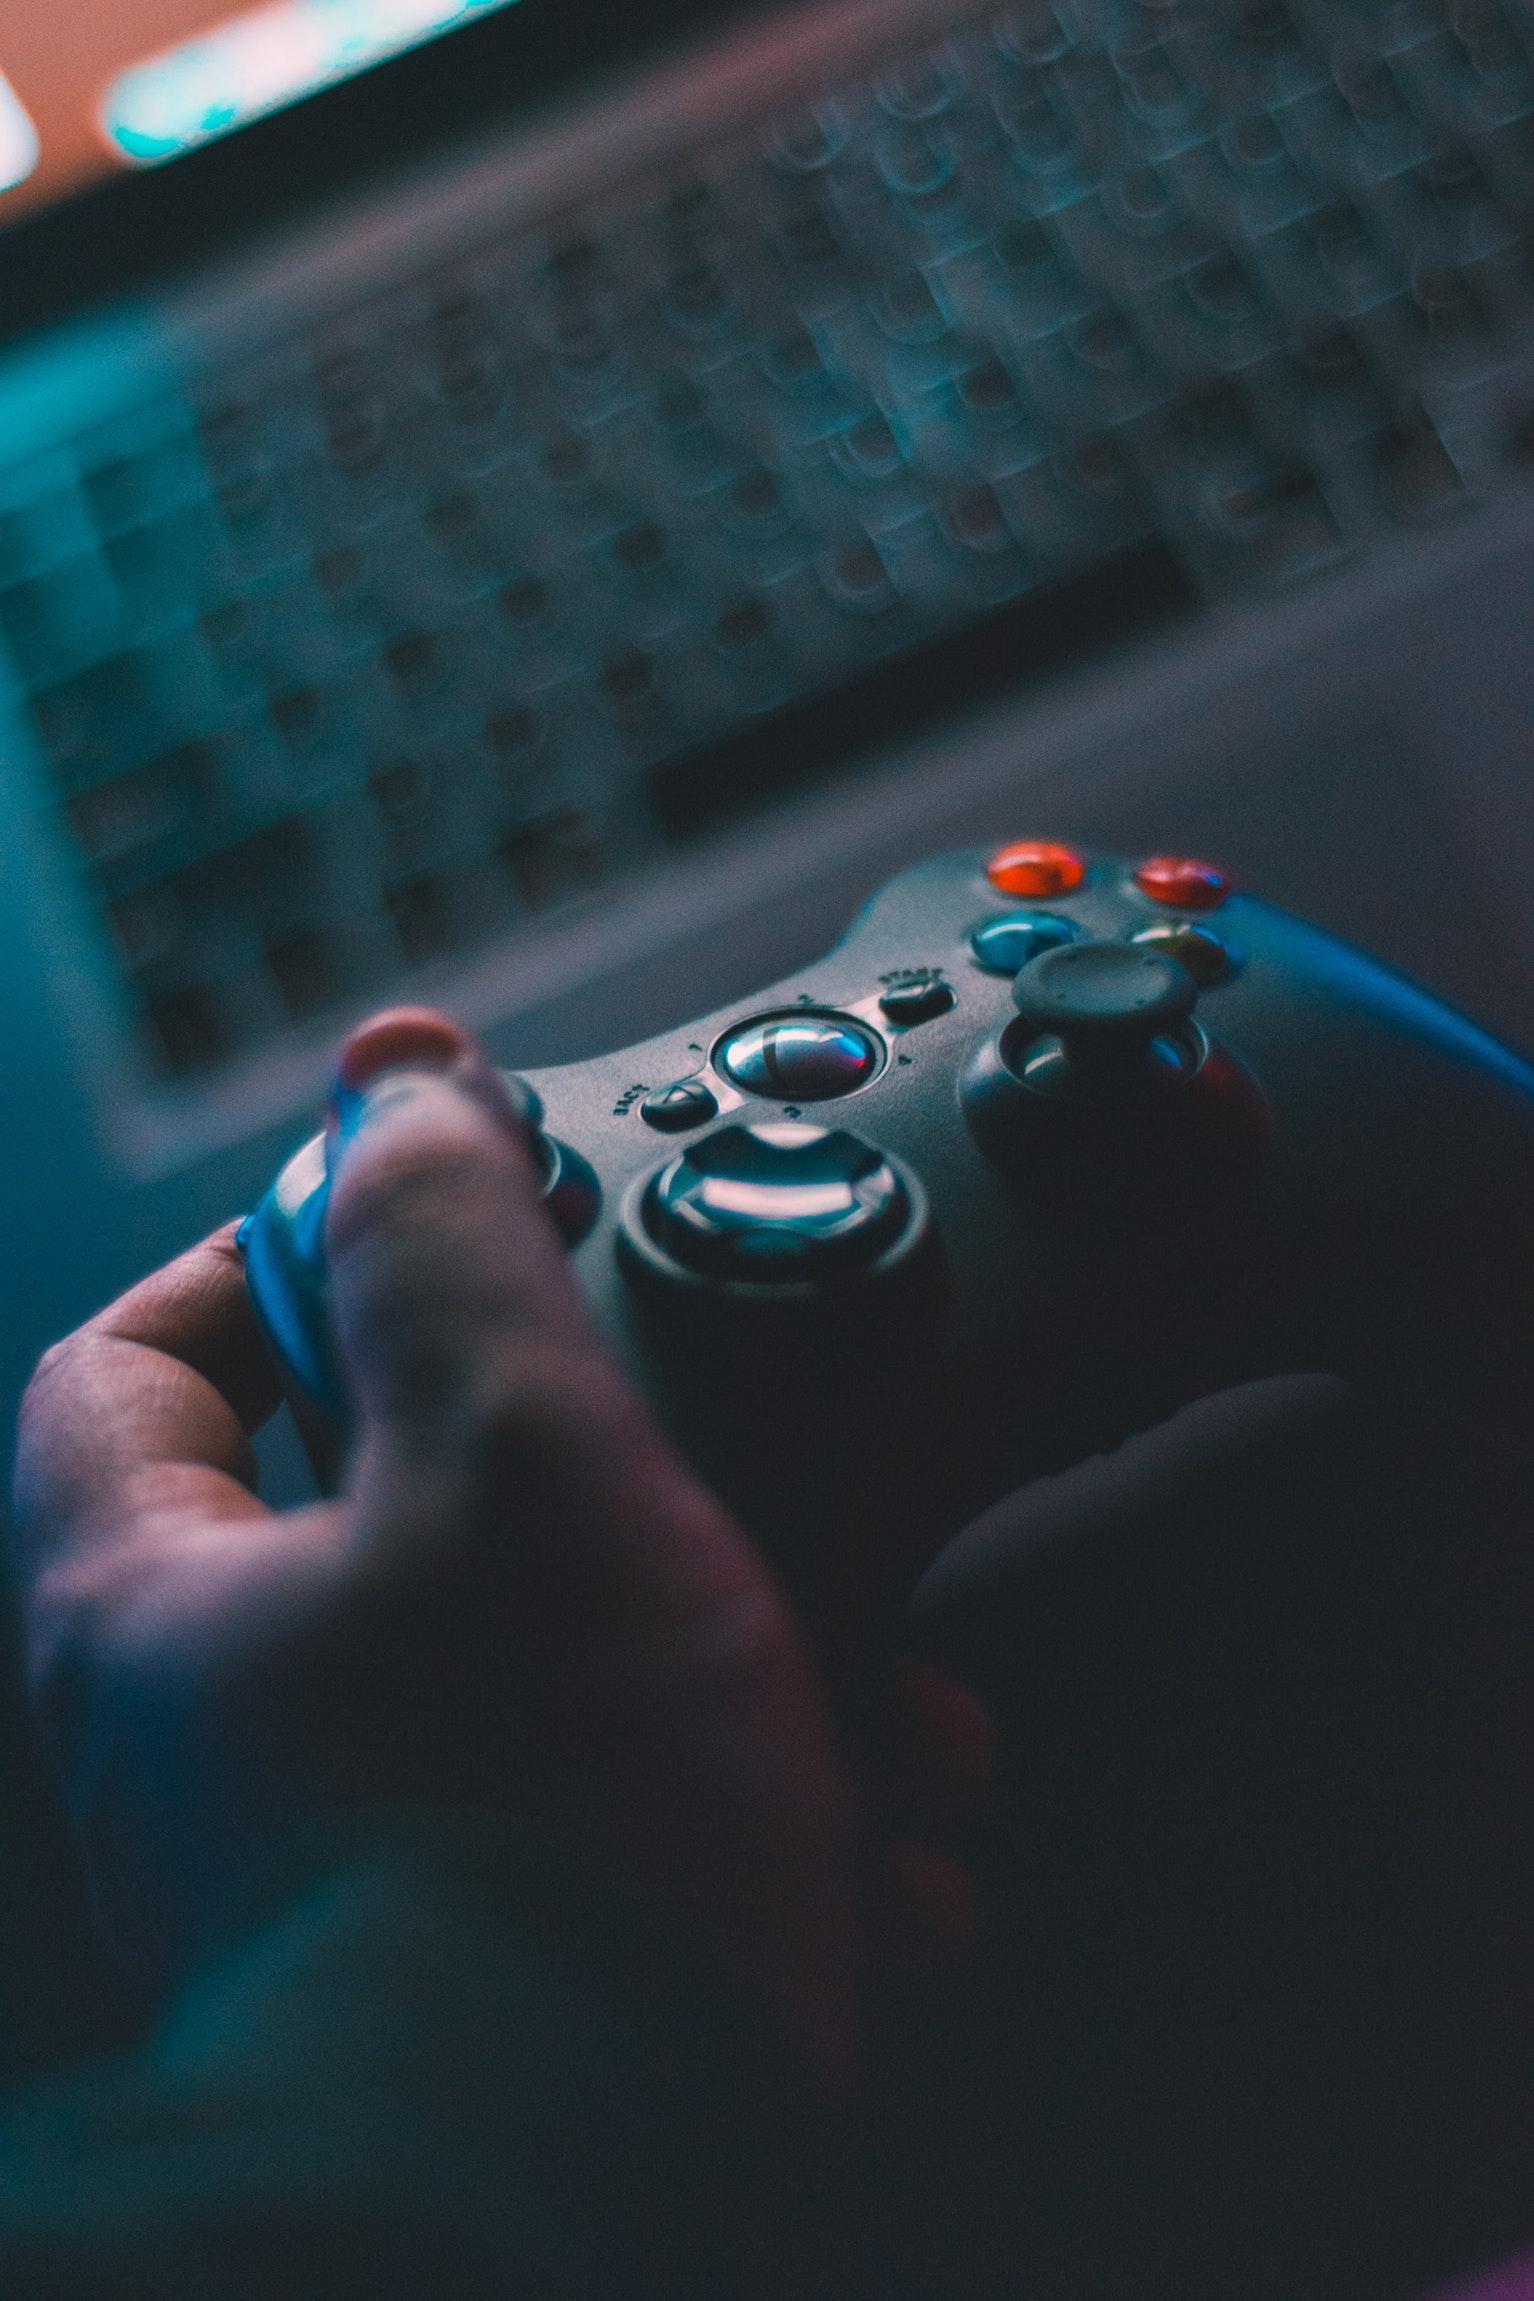 GameSpy παιχνίδι στο διαδίκτυο περιπατητές ραντεβού πρακτορείο